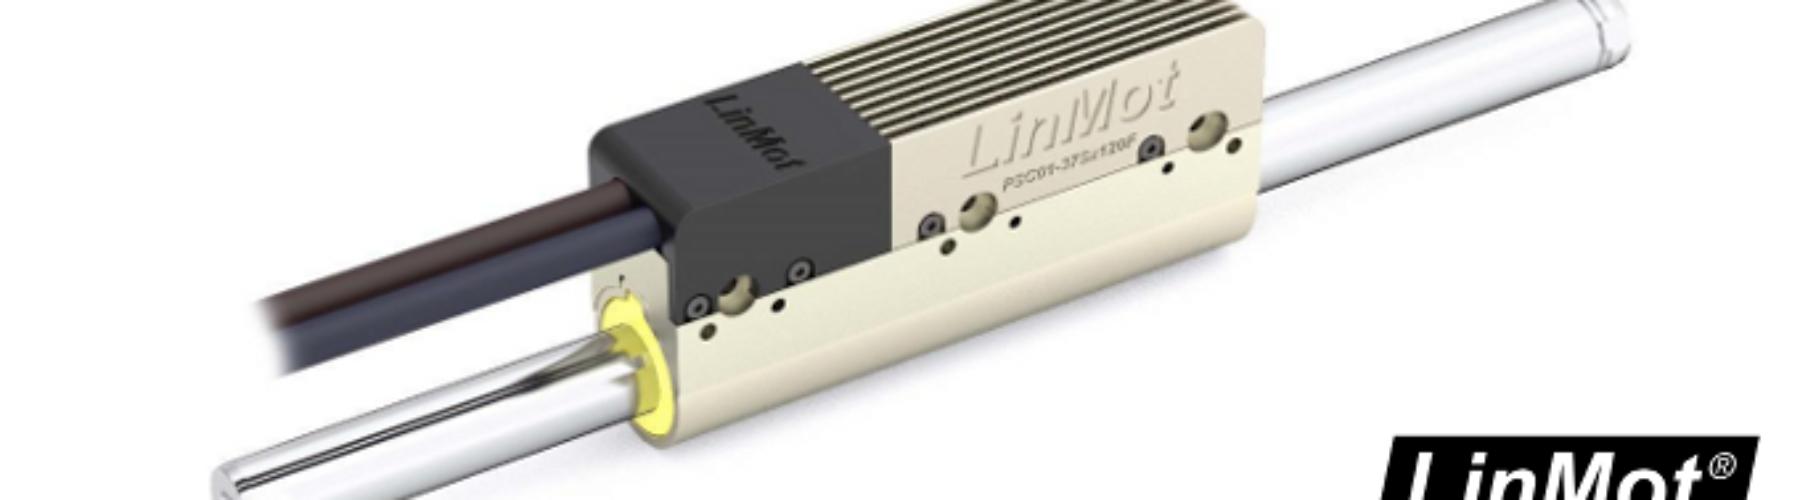 Motor linear PSC01-37Sx120F-HP com drive integrada